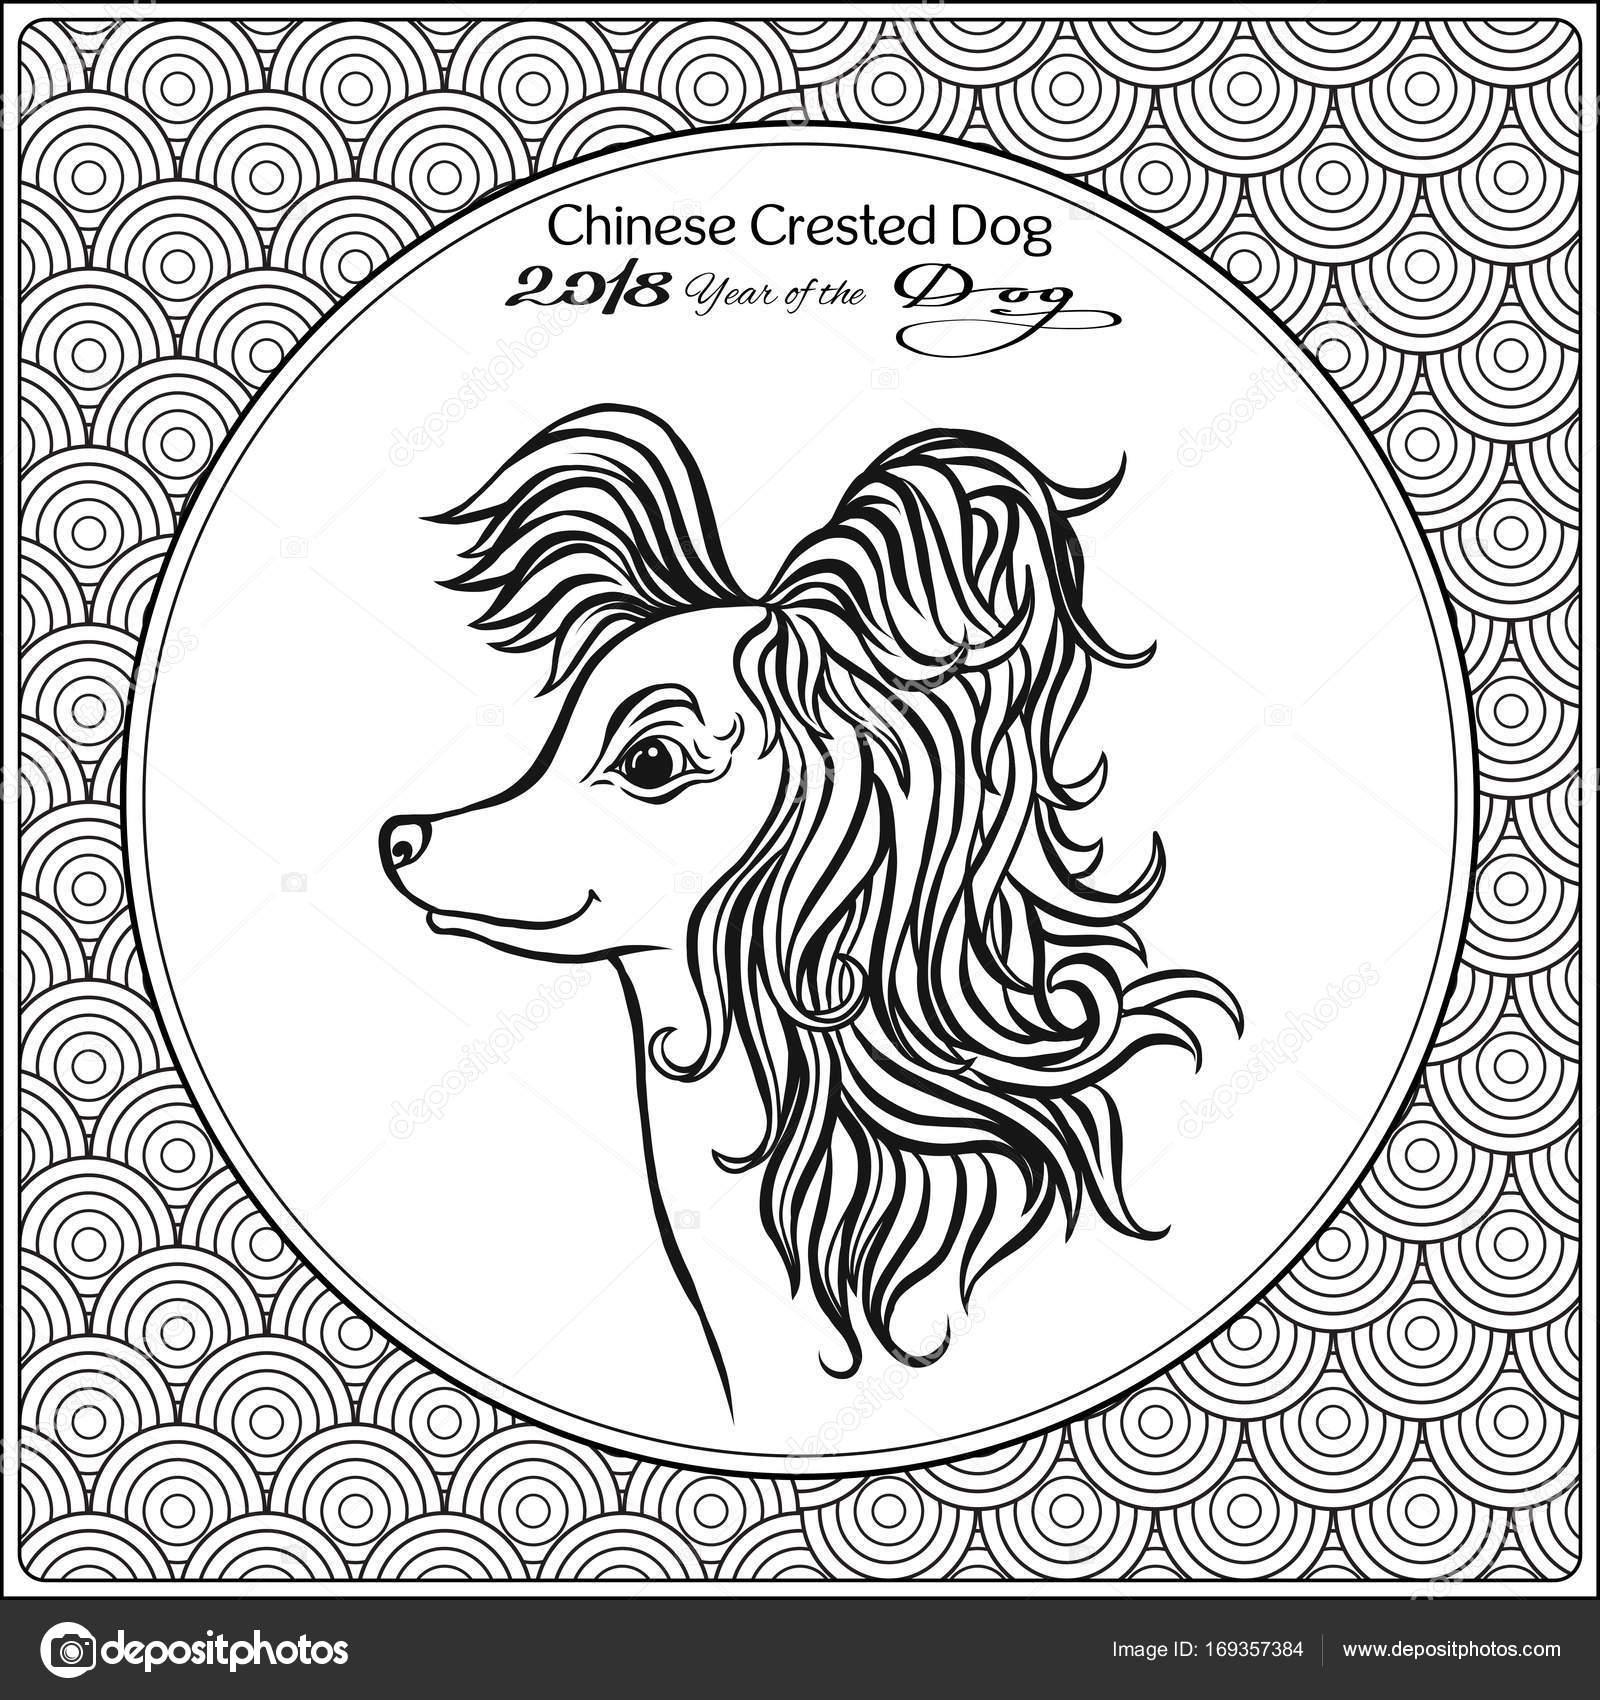 çince Boyama Sayfası Ile Geleneksel Zemin üzerine Köpek Desenli